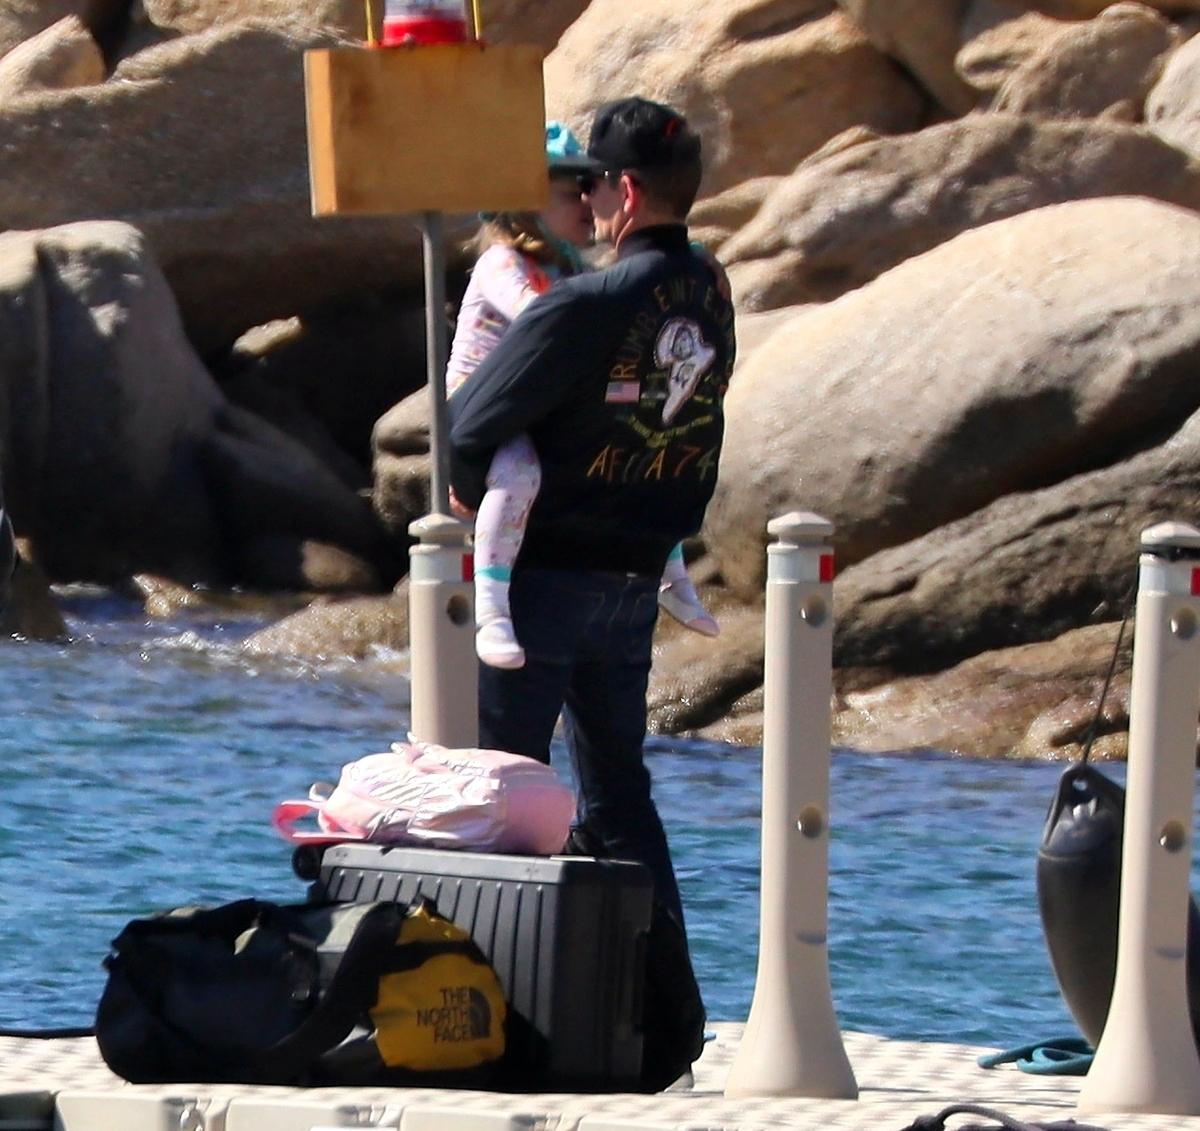 Bradley Cooper vacaciones de lujo